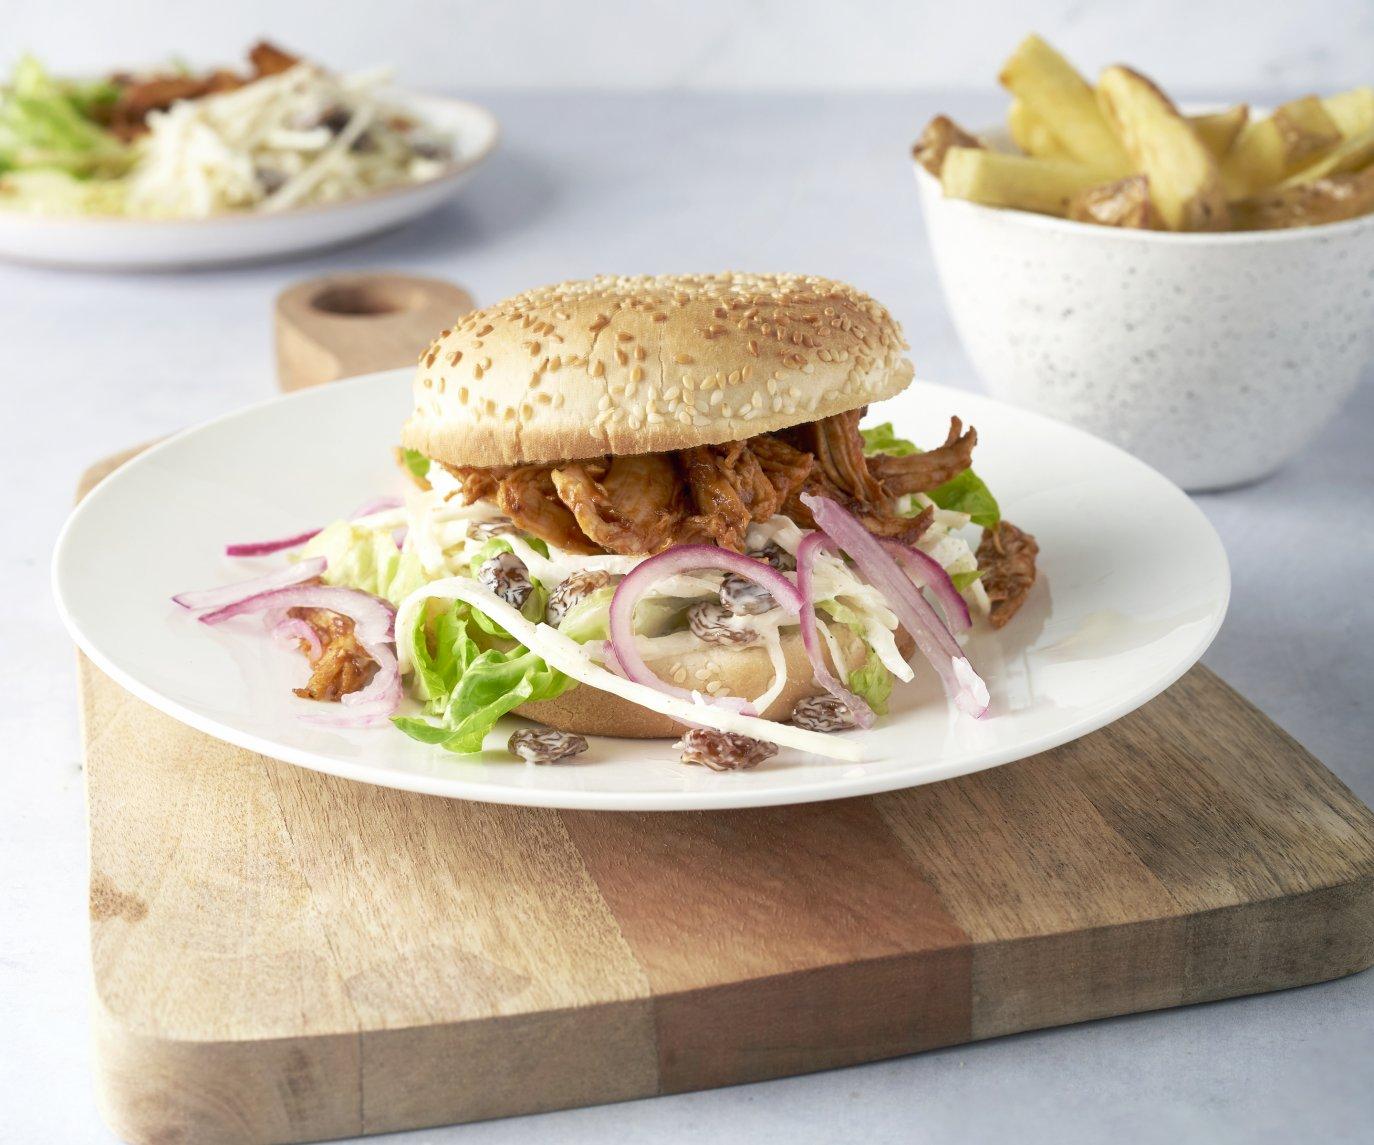 Pulled chicken burgers met coleslaw en ovenfrietjes